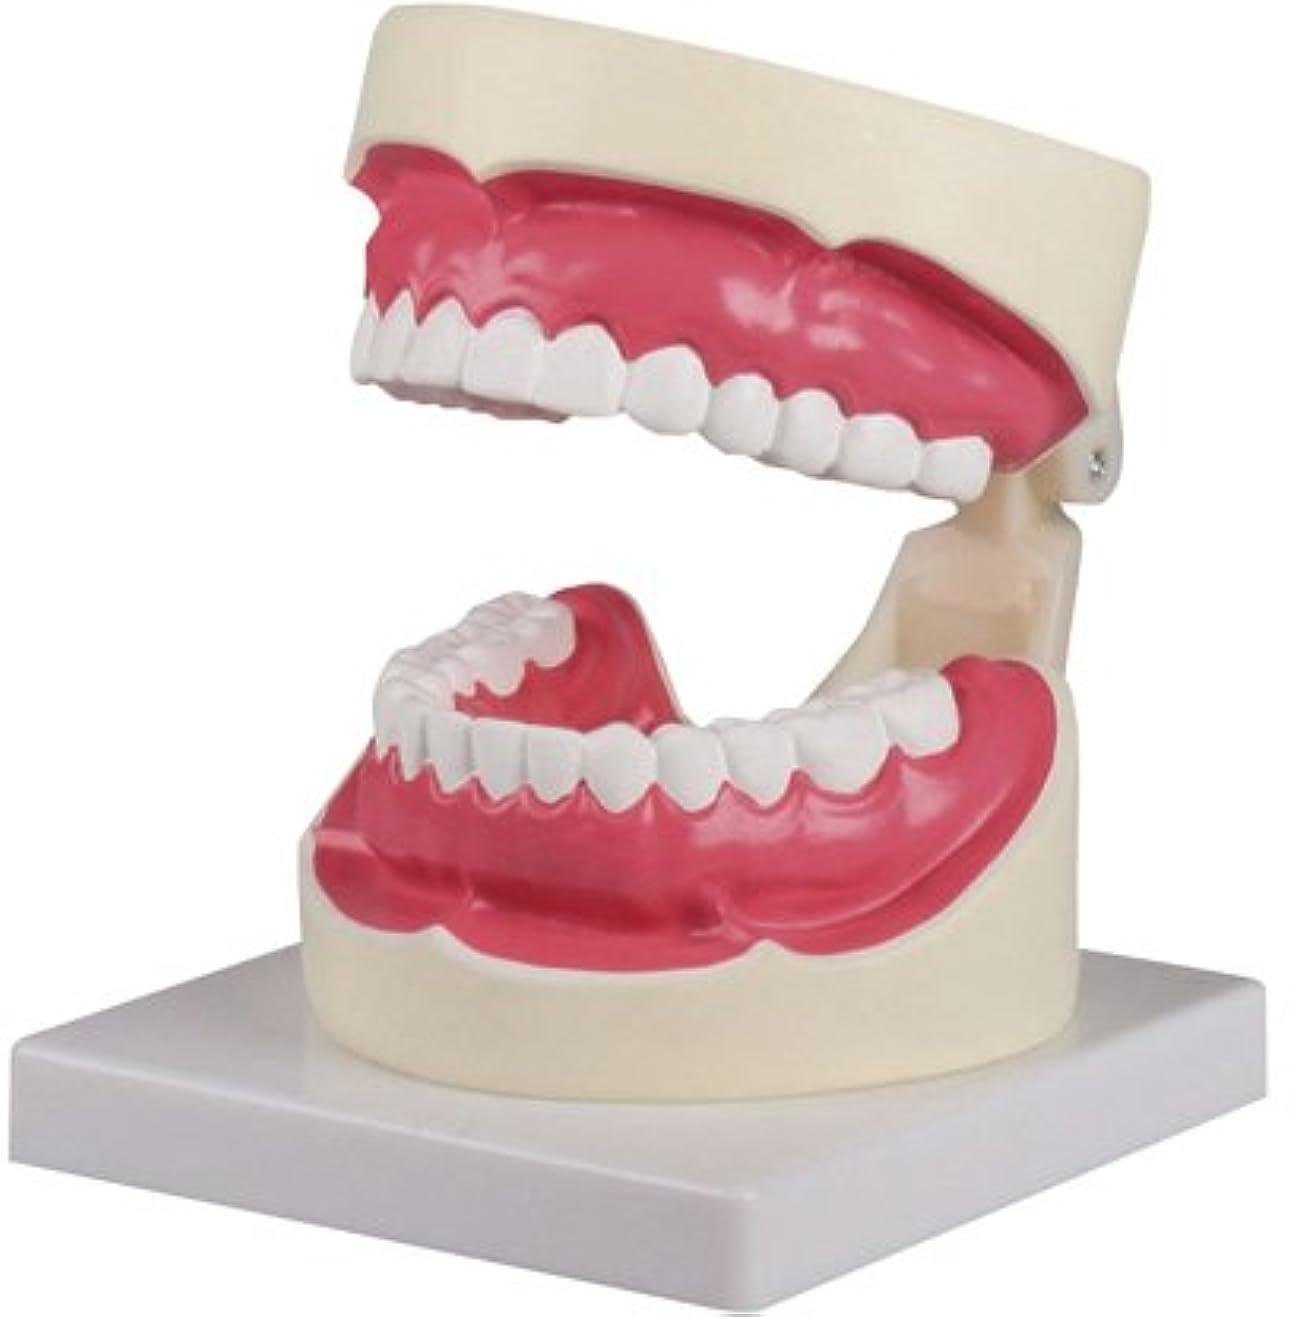 ドラフト宙返り廃止する歯磨き(口腔ケア)指導模型1.5倍大 D217 ?????(??????)???????(24-6839-00)【エルラージーマー社】[1個単位]